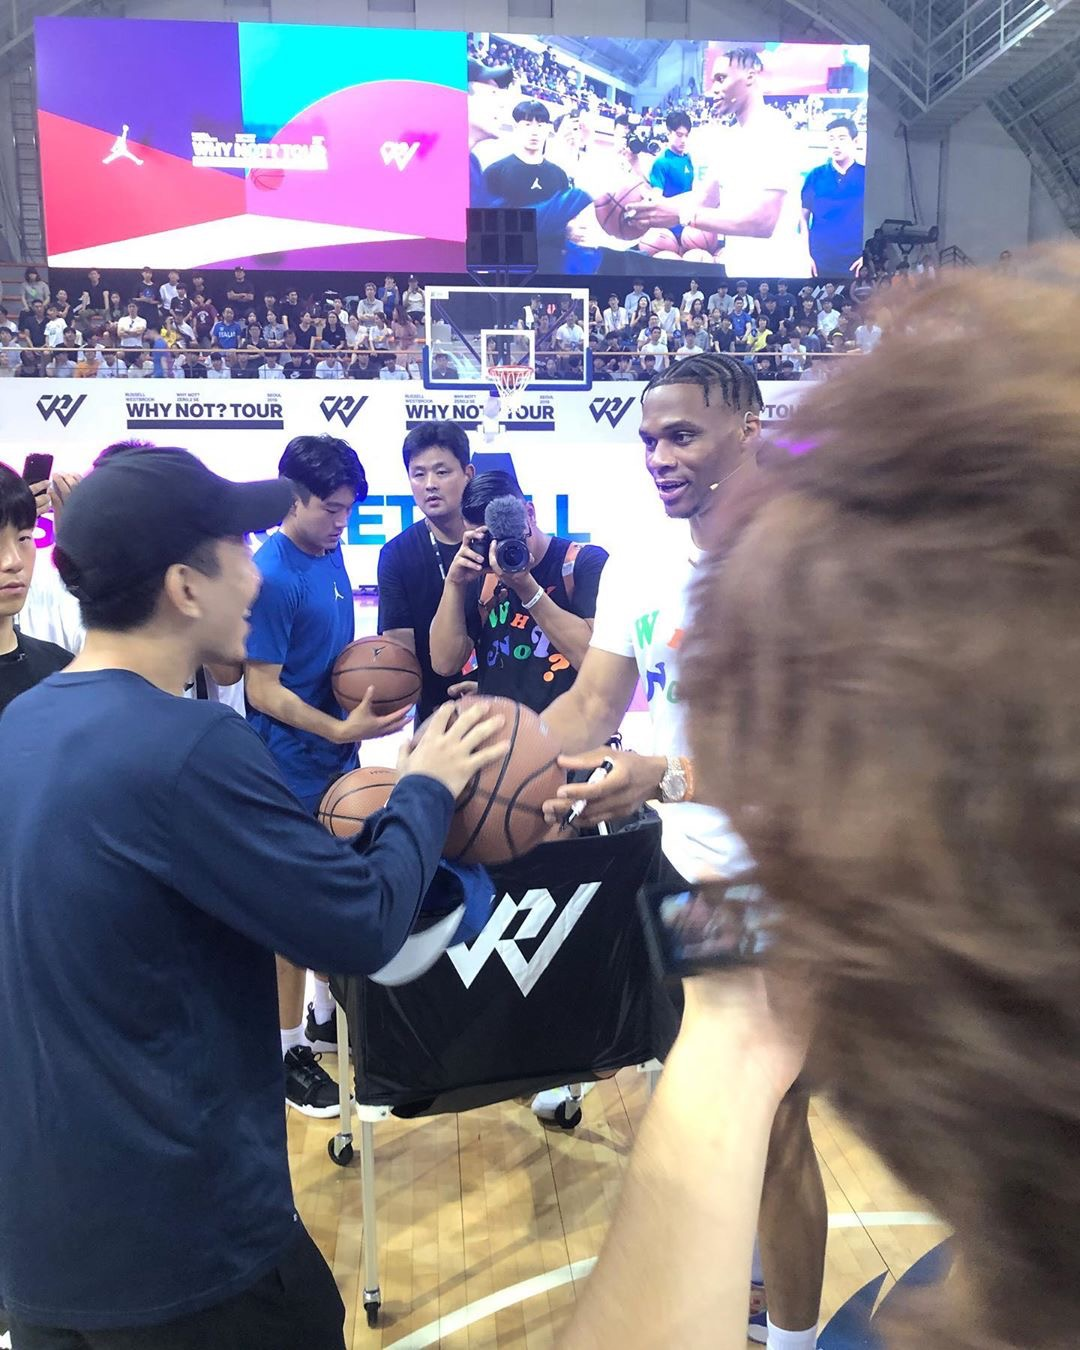 这位韩国的球迷抢到了威少的签名篮球,然后喜极而泣。